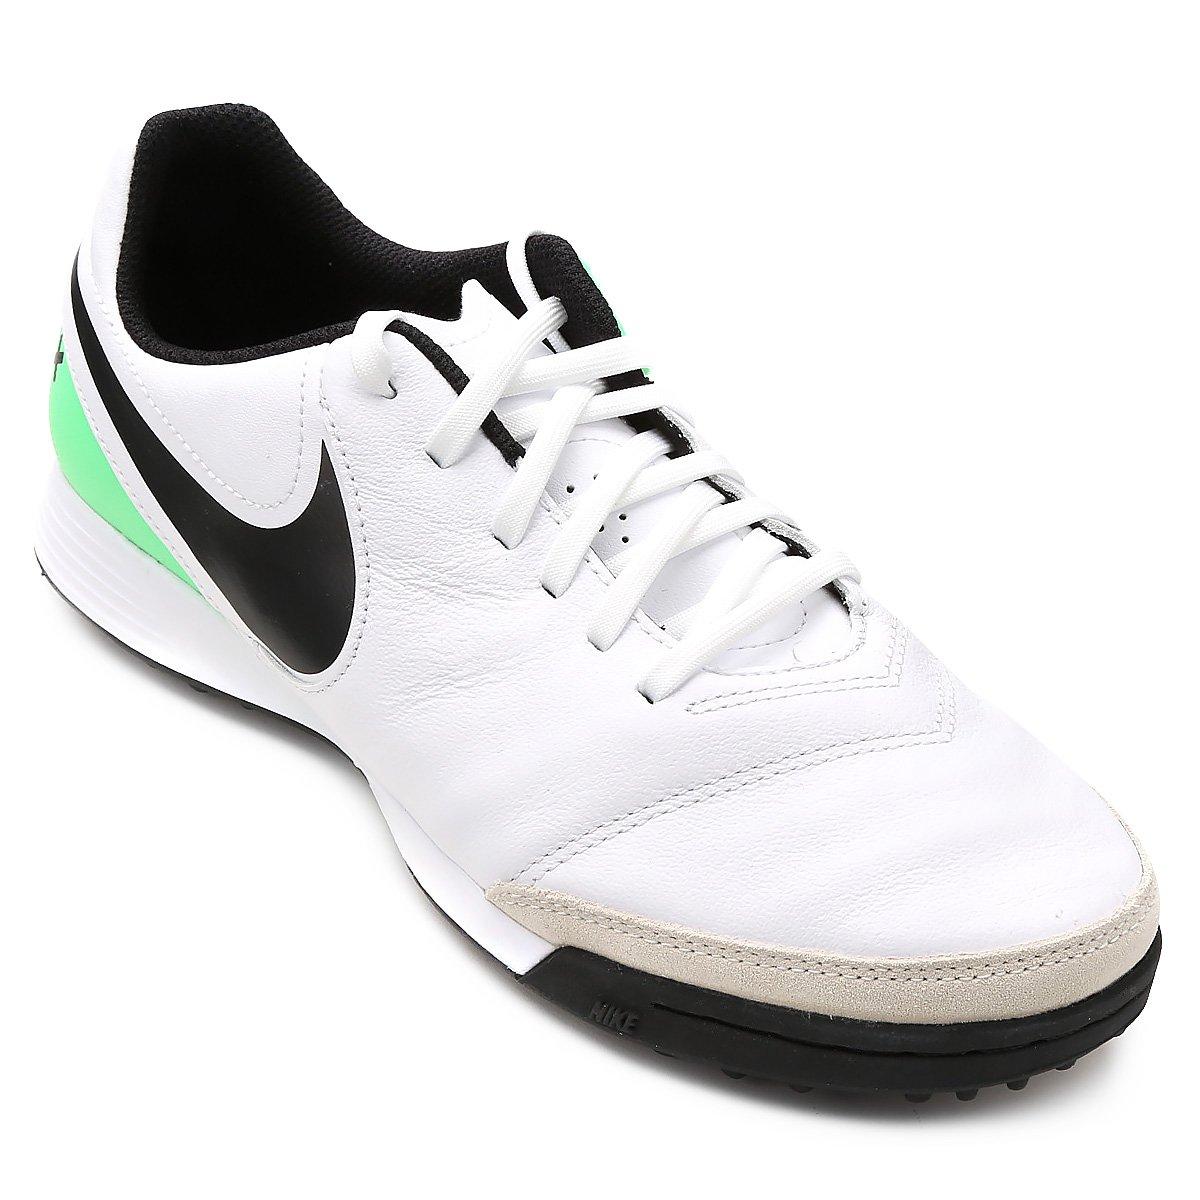 Chuteira Society Nike Tiempo Genio 2 Leather TF - Branco e Verde ... 35da53c005464